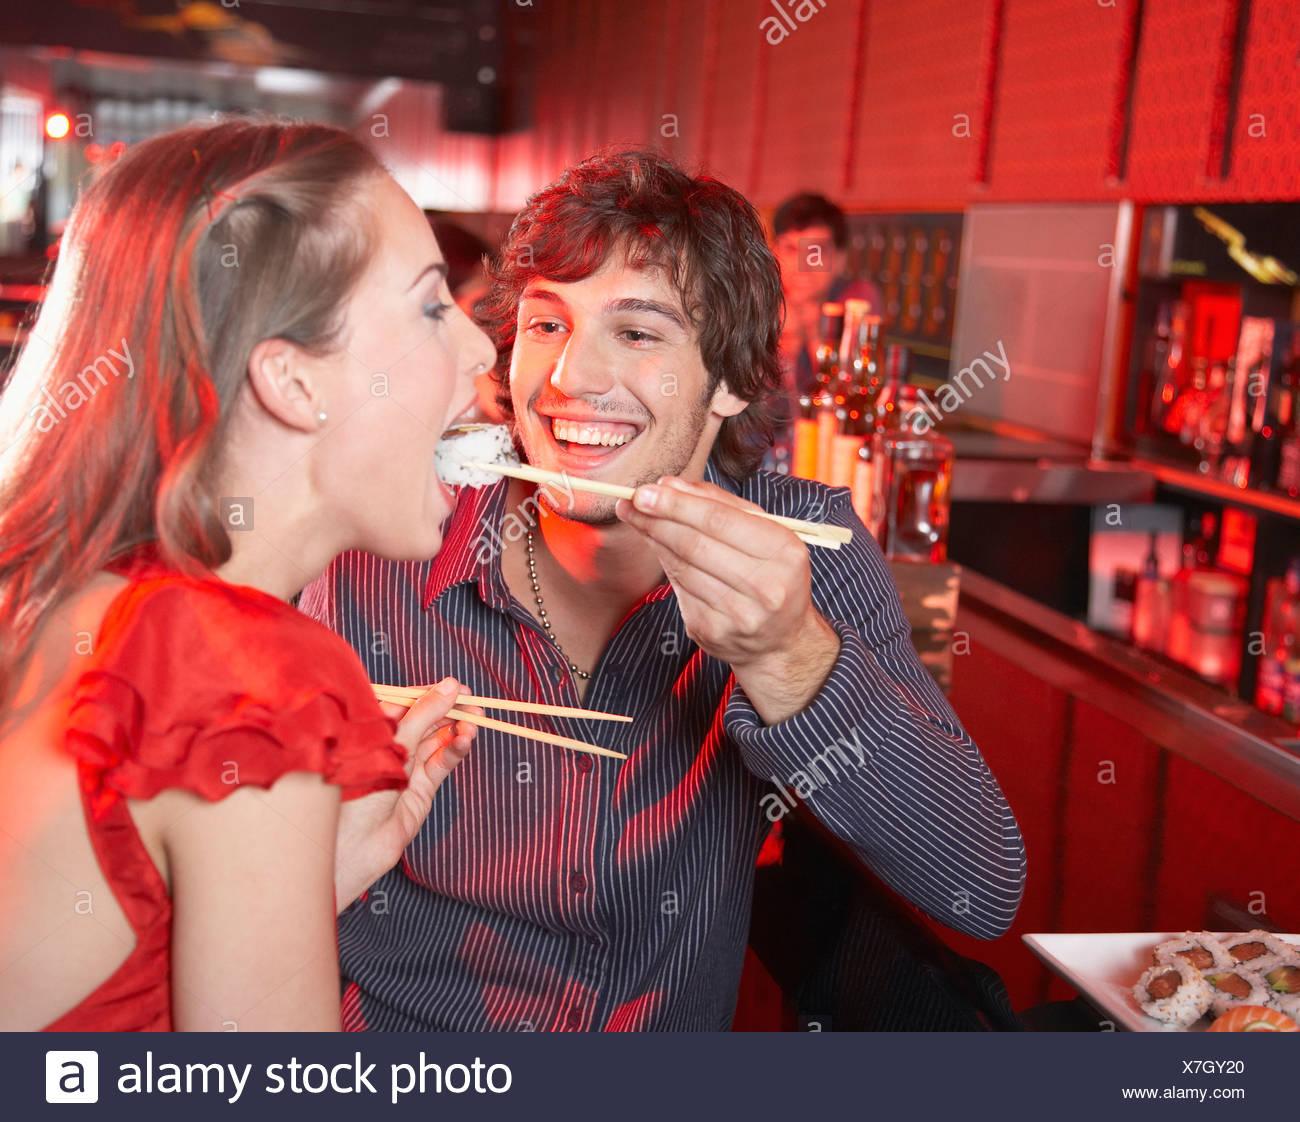 Uomo Donna alimentazione sushi in discoteca e sorridente Immagini Stock